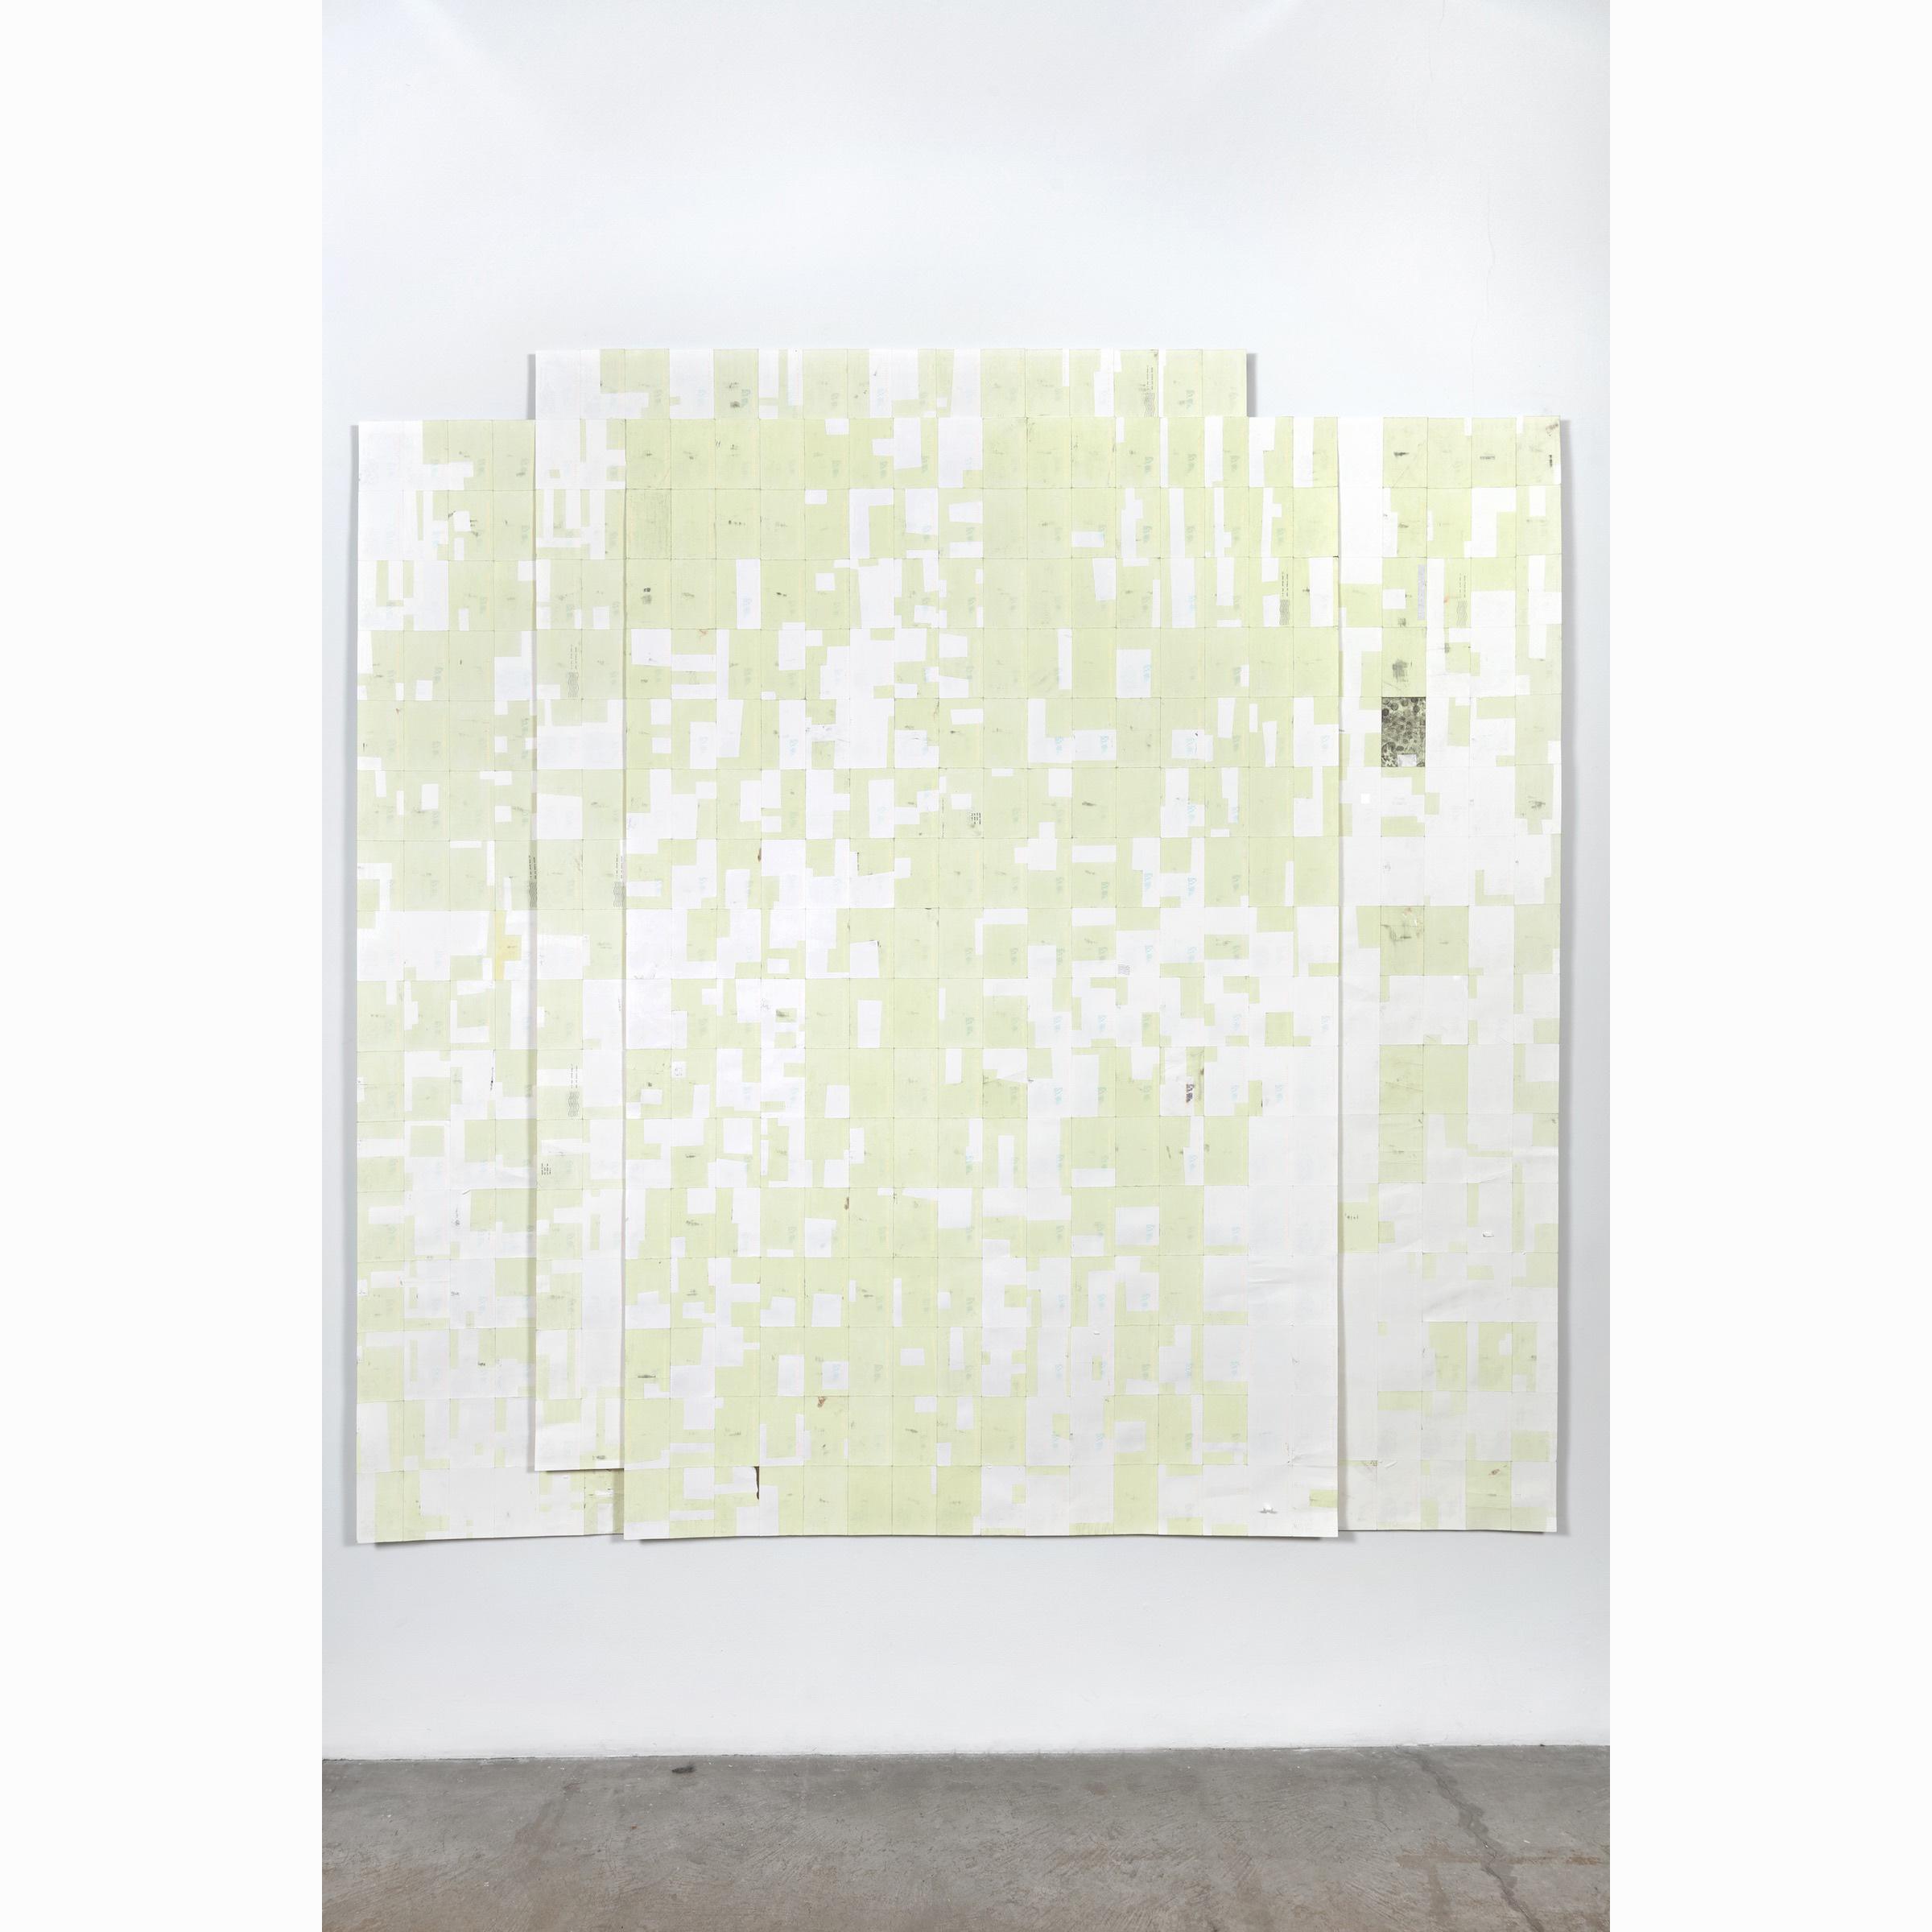 Agnes Lux, Hiver étéliés #2 ,2016,phosphorescent paint on postcards, 93.7 x 94.6 in (light view)